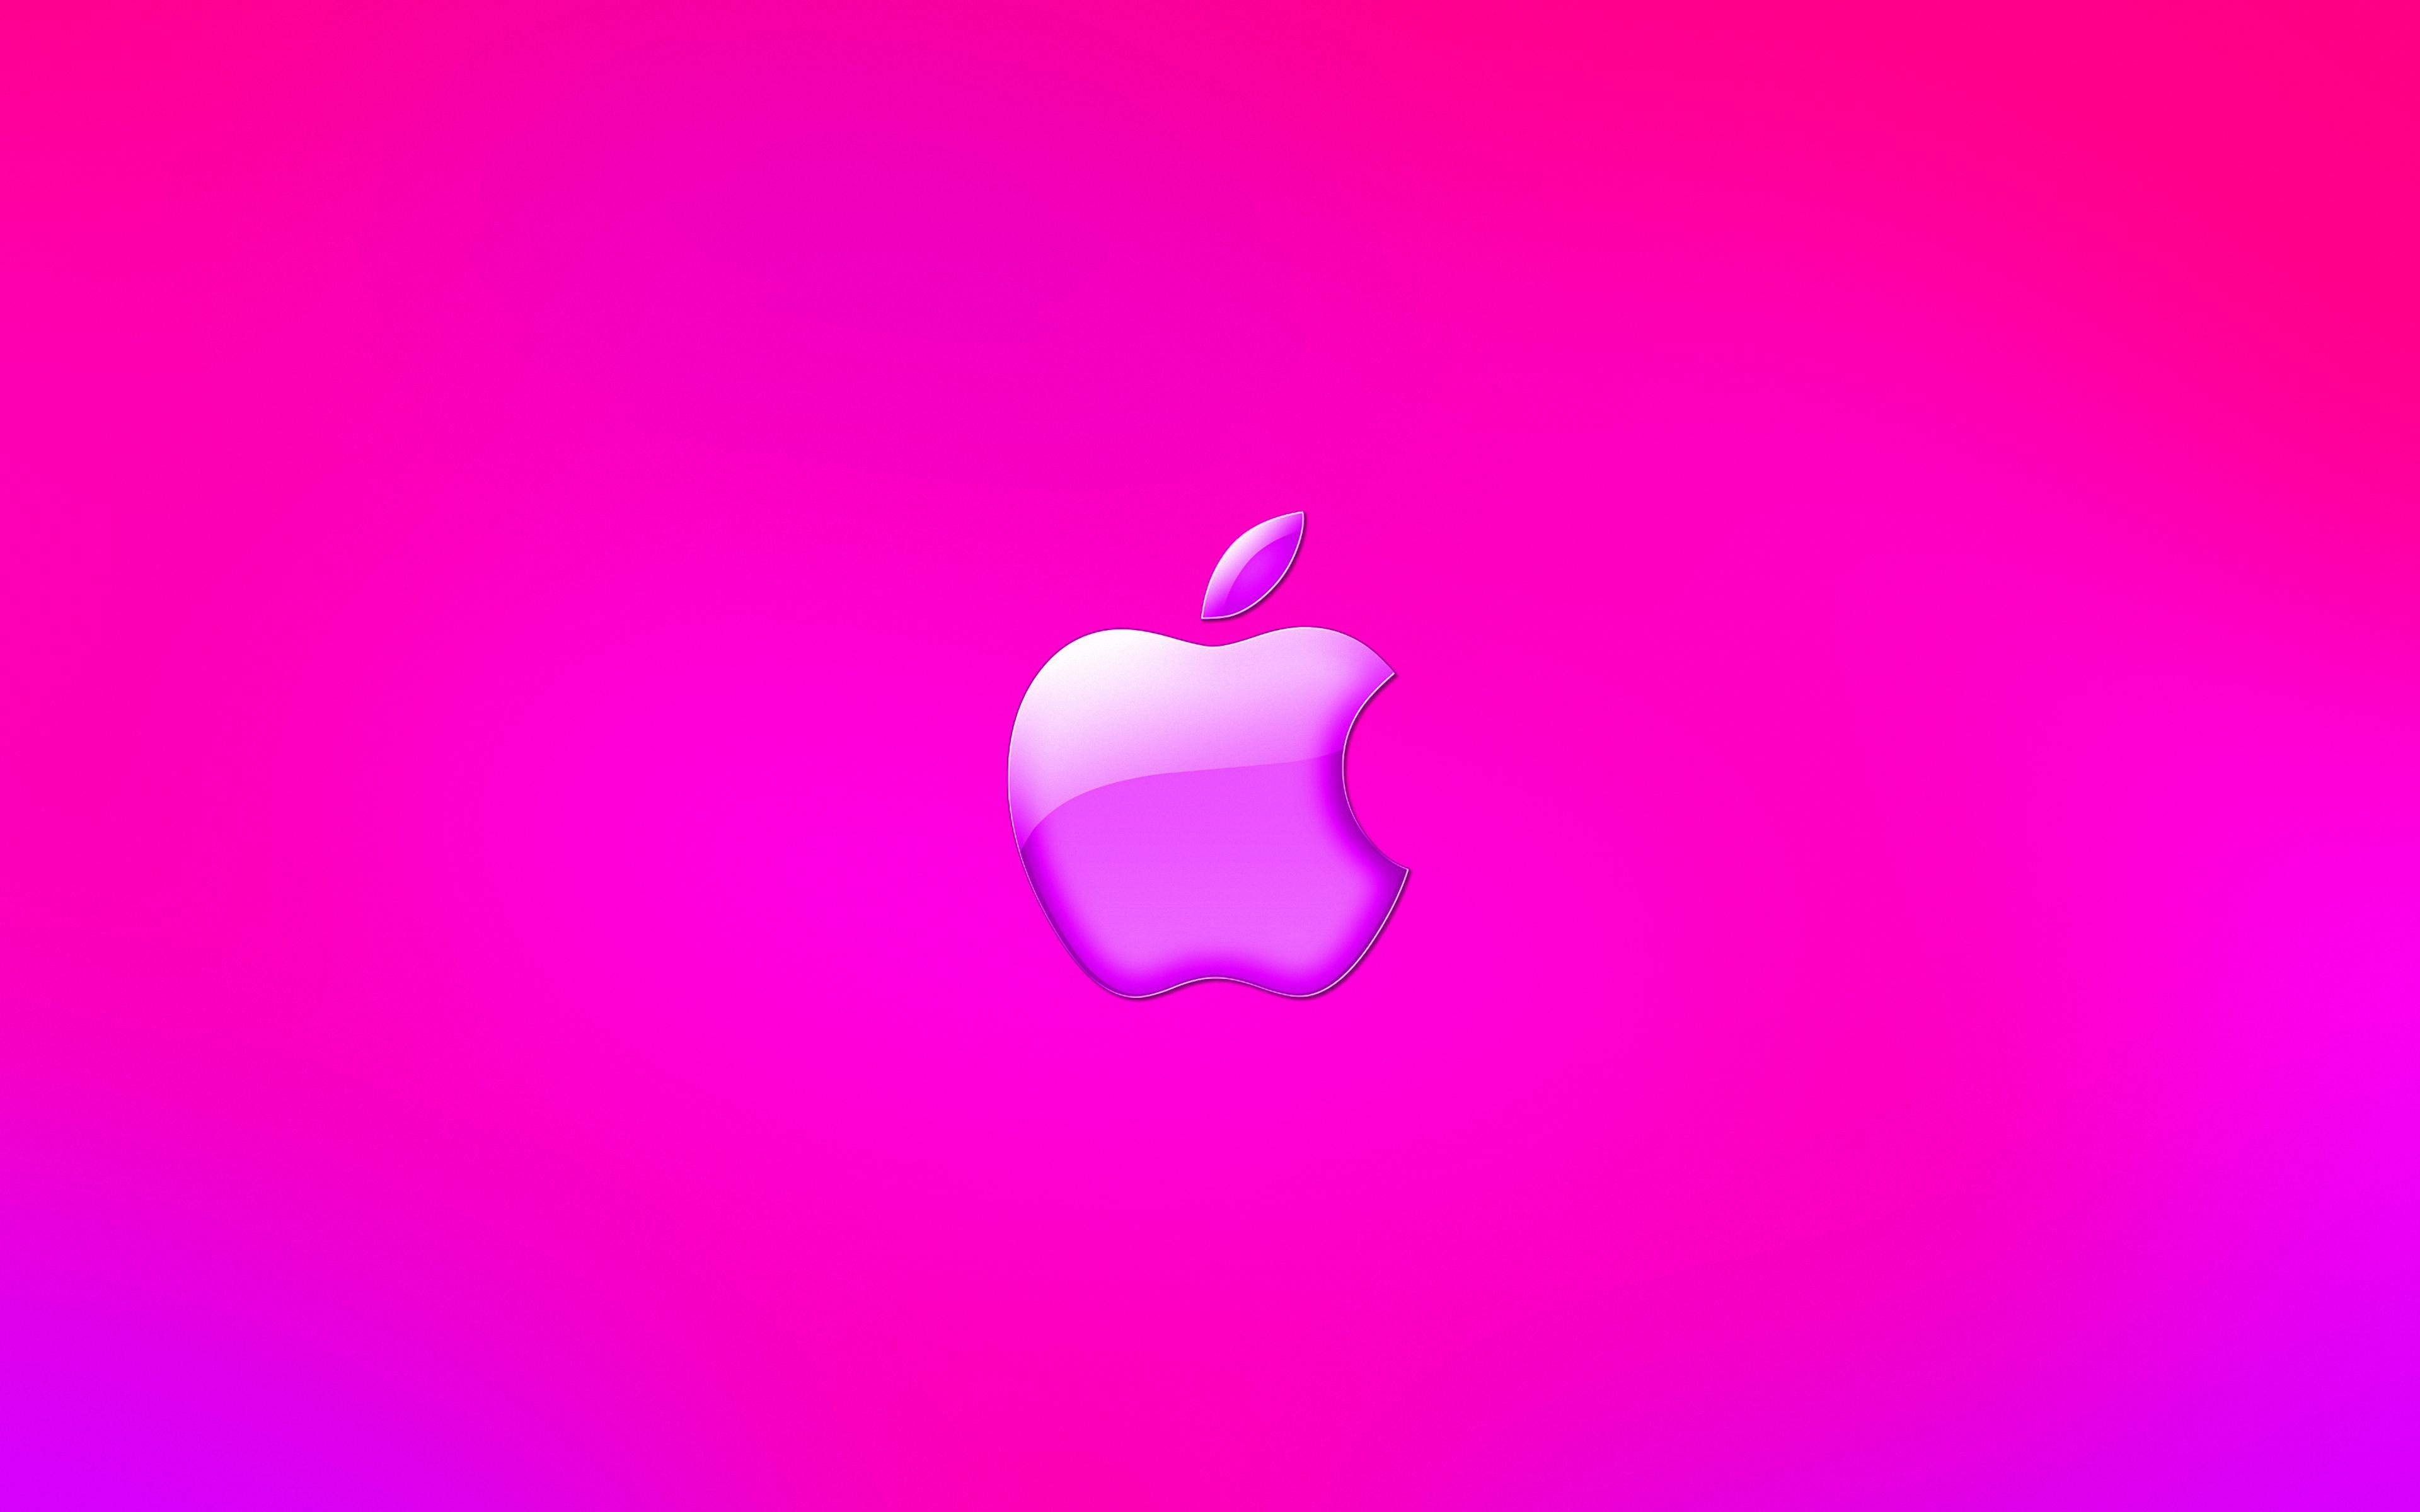 розовый экран картинка заметили нарушение, просим